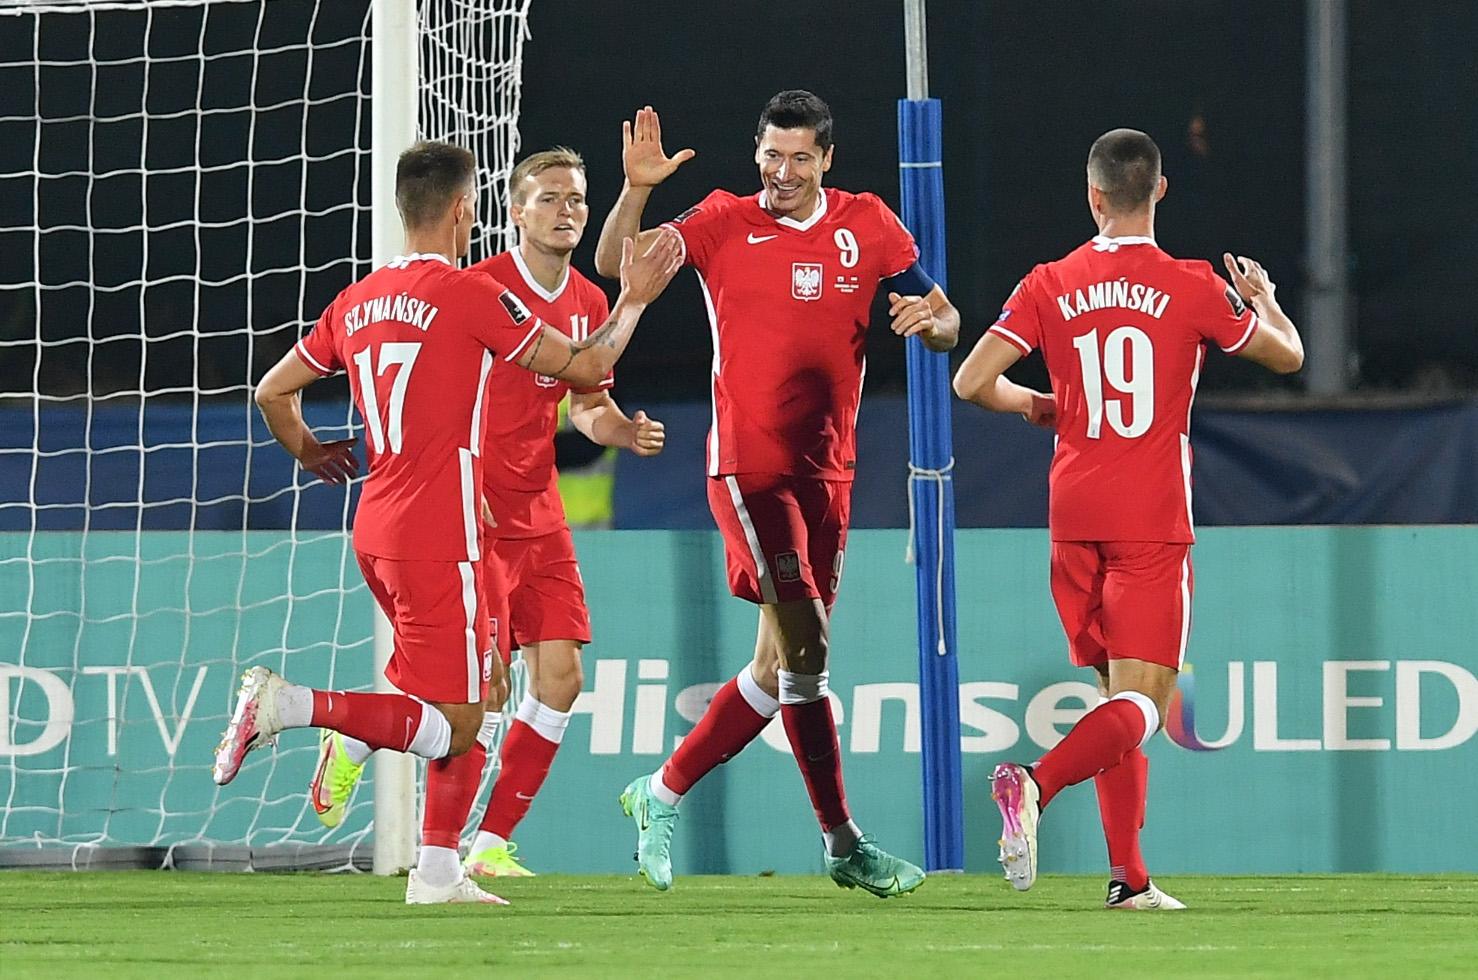 Προκριματικά Παγκοσμίου Κυπέλλου: «Εφτάρα» η Πολωνία με σούπερ Σβιντέρσκι